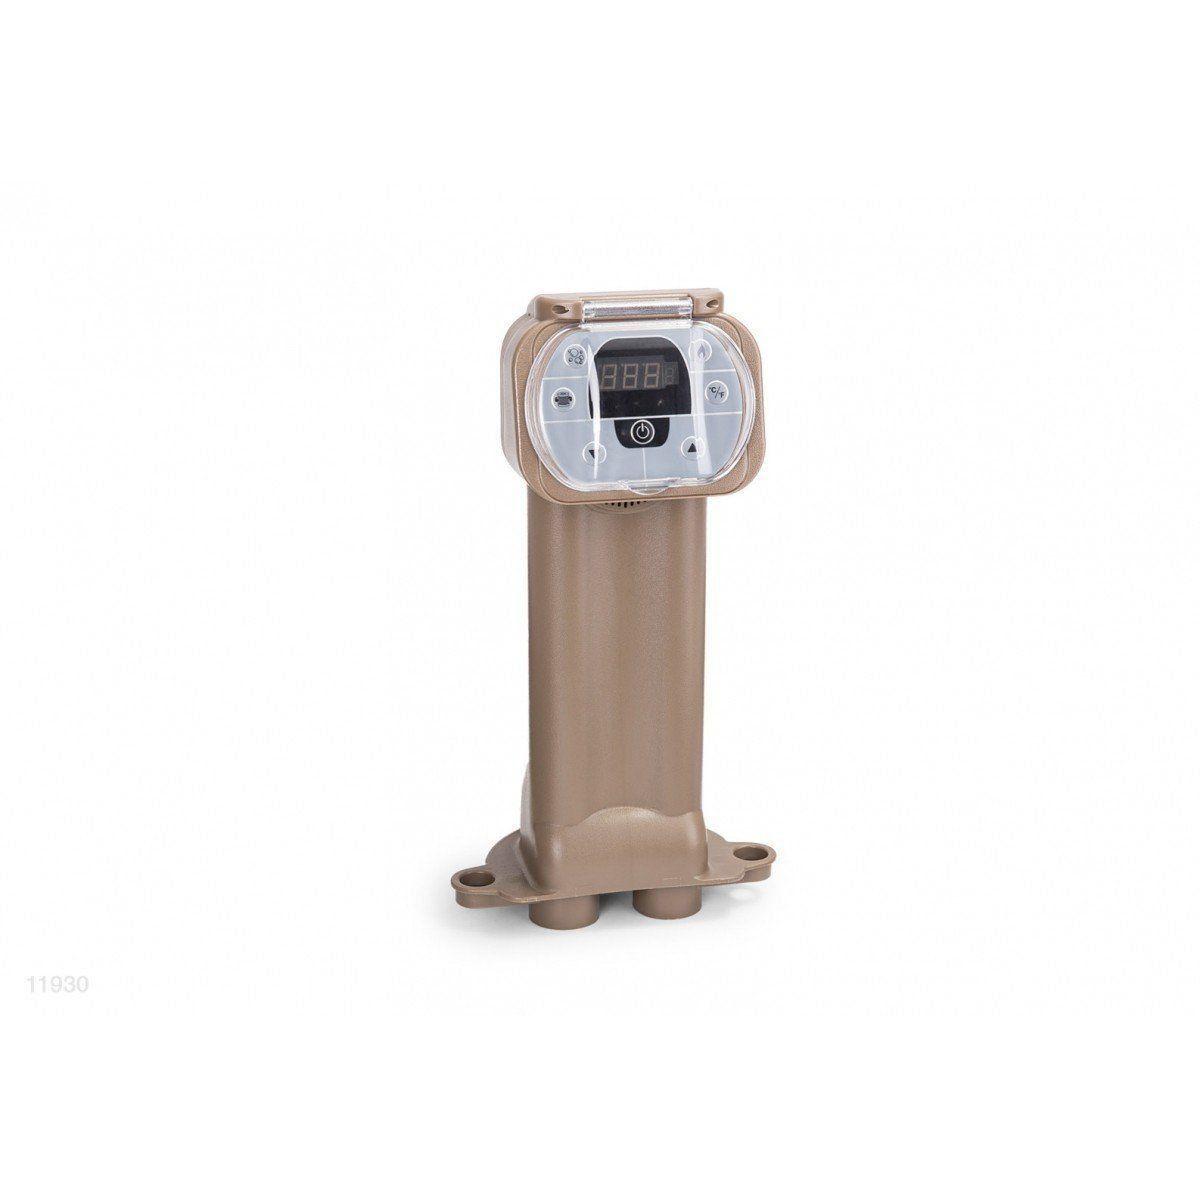 Banheira Ofurô Intex Purespa Inflável 795 Litros - Intex